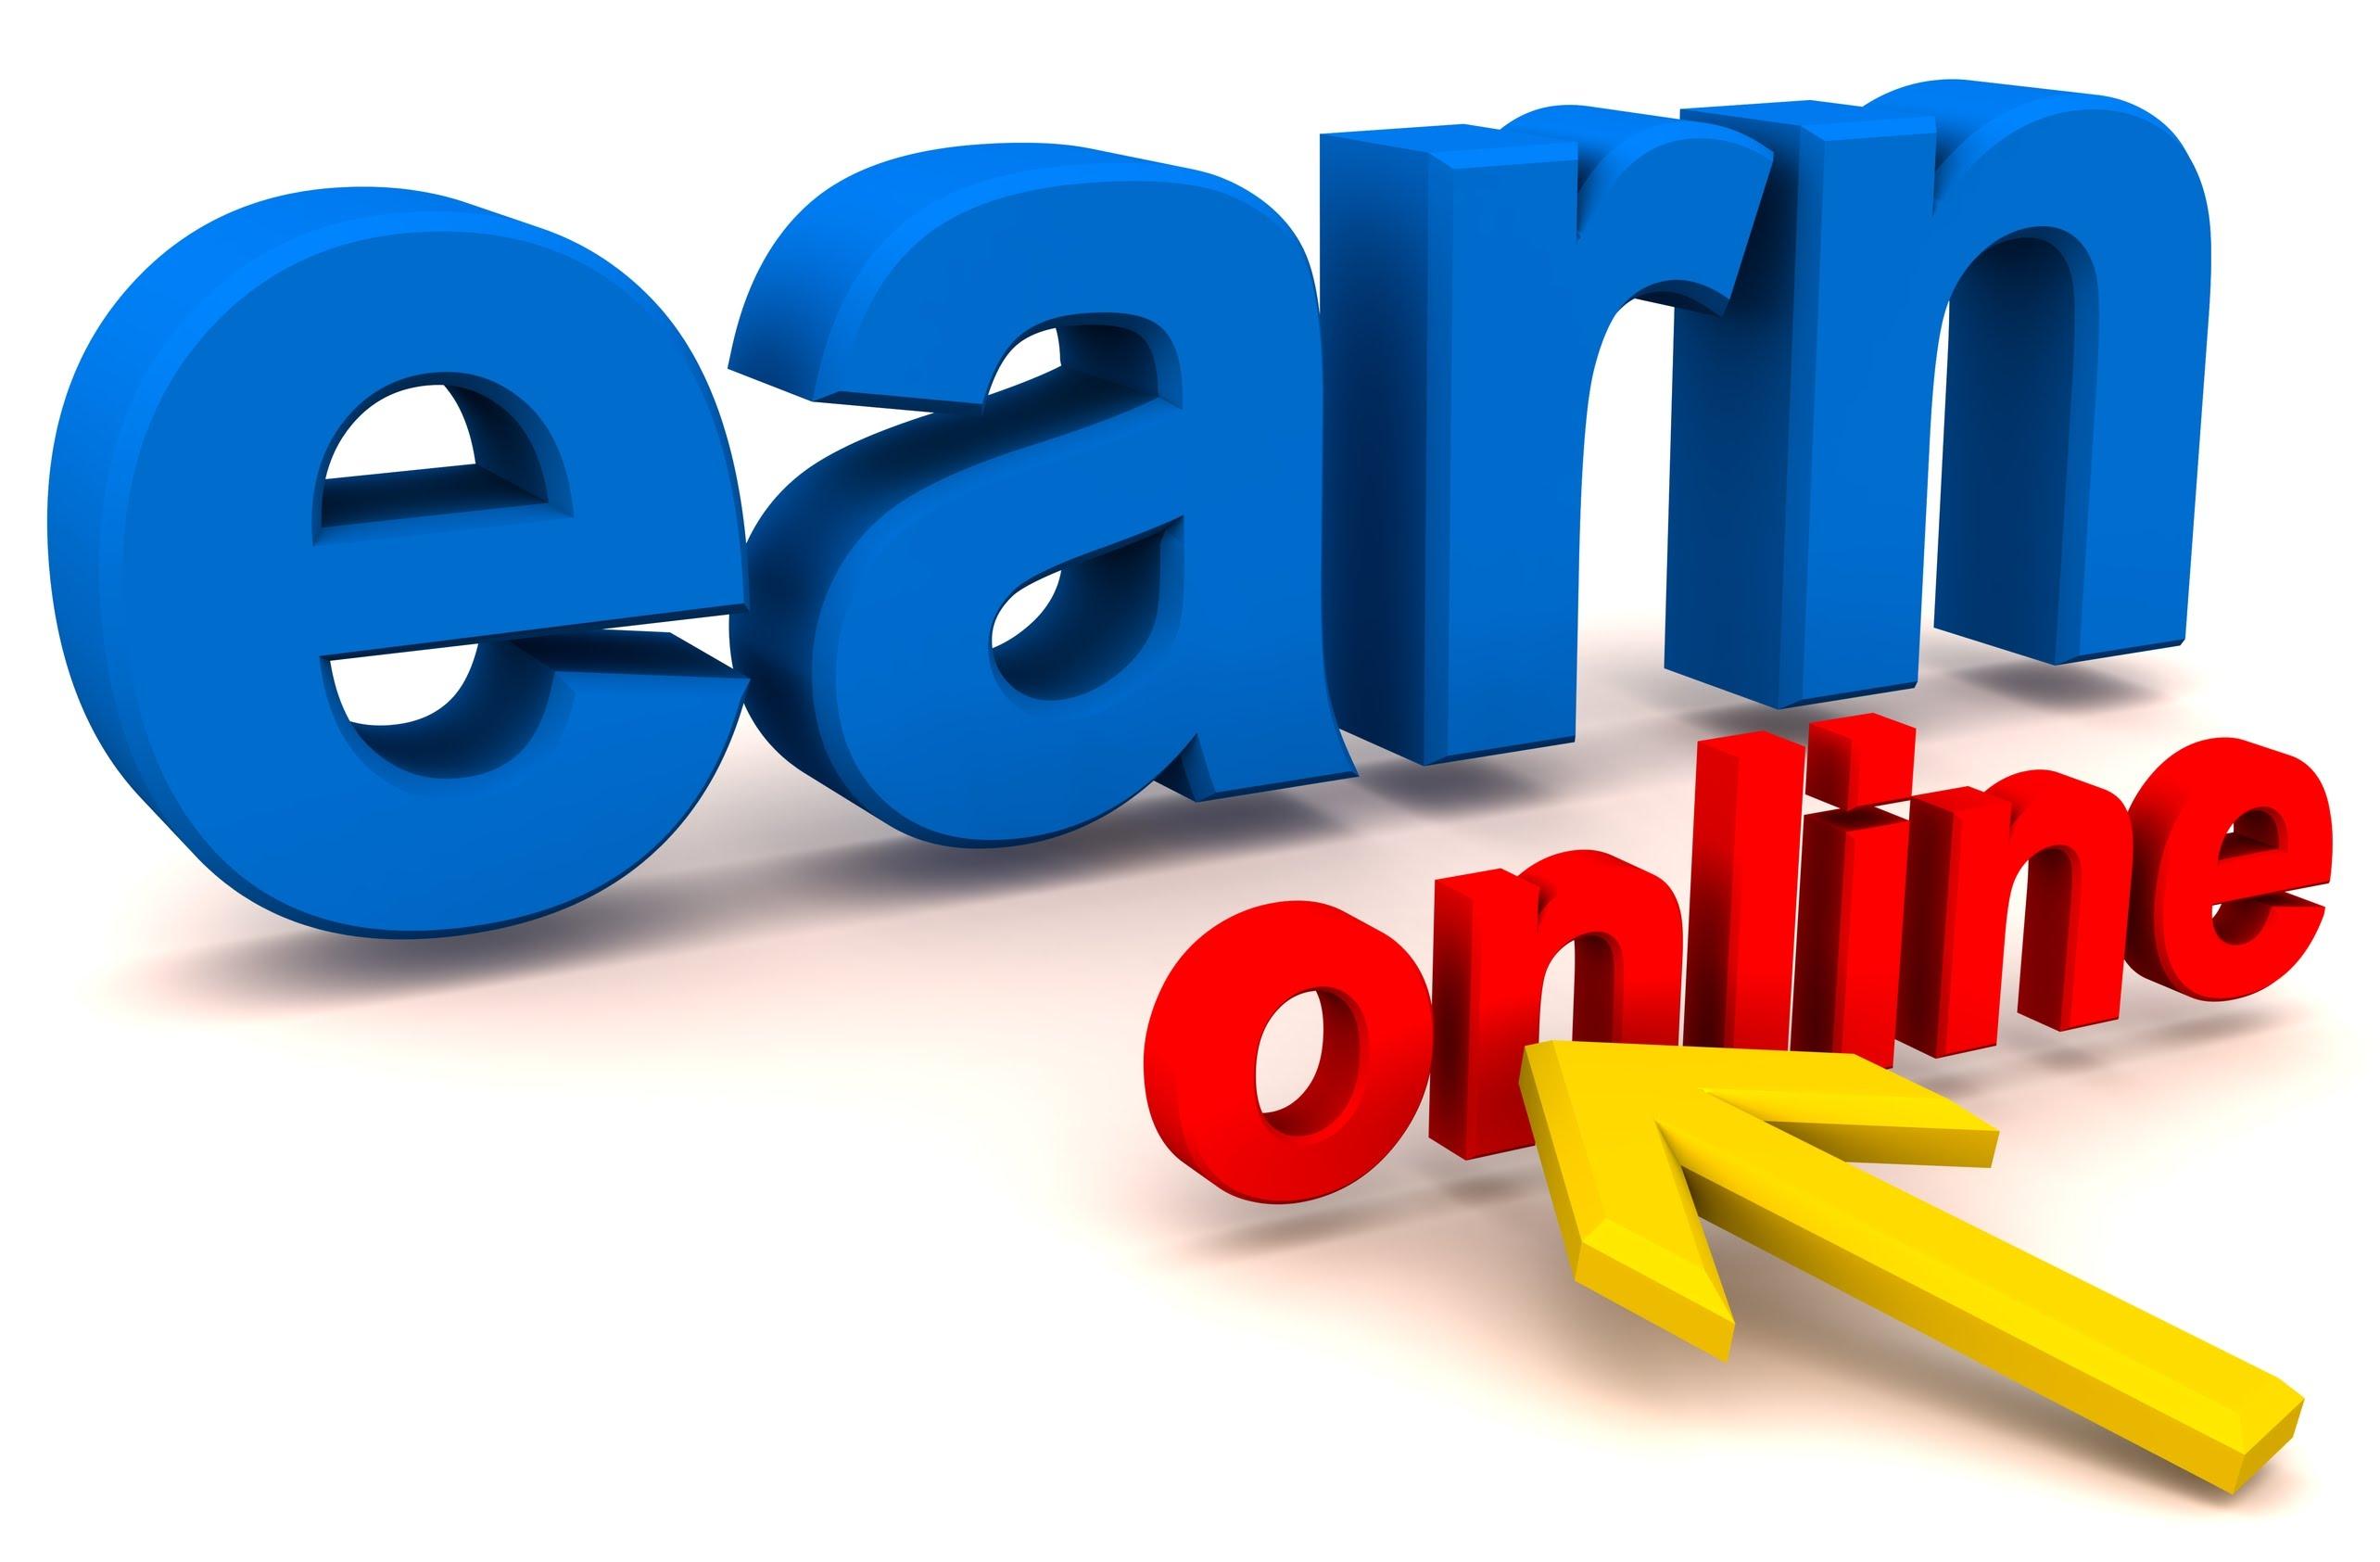 Bhowal Online work